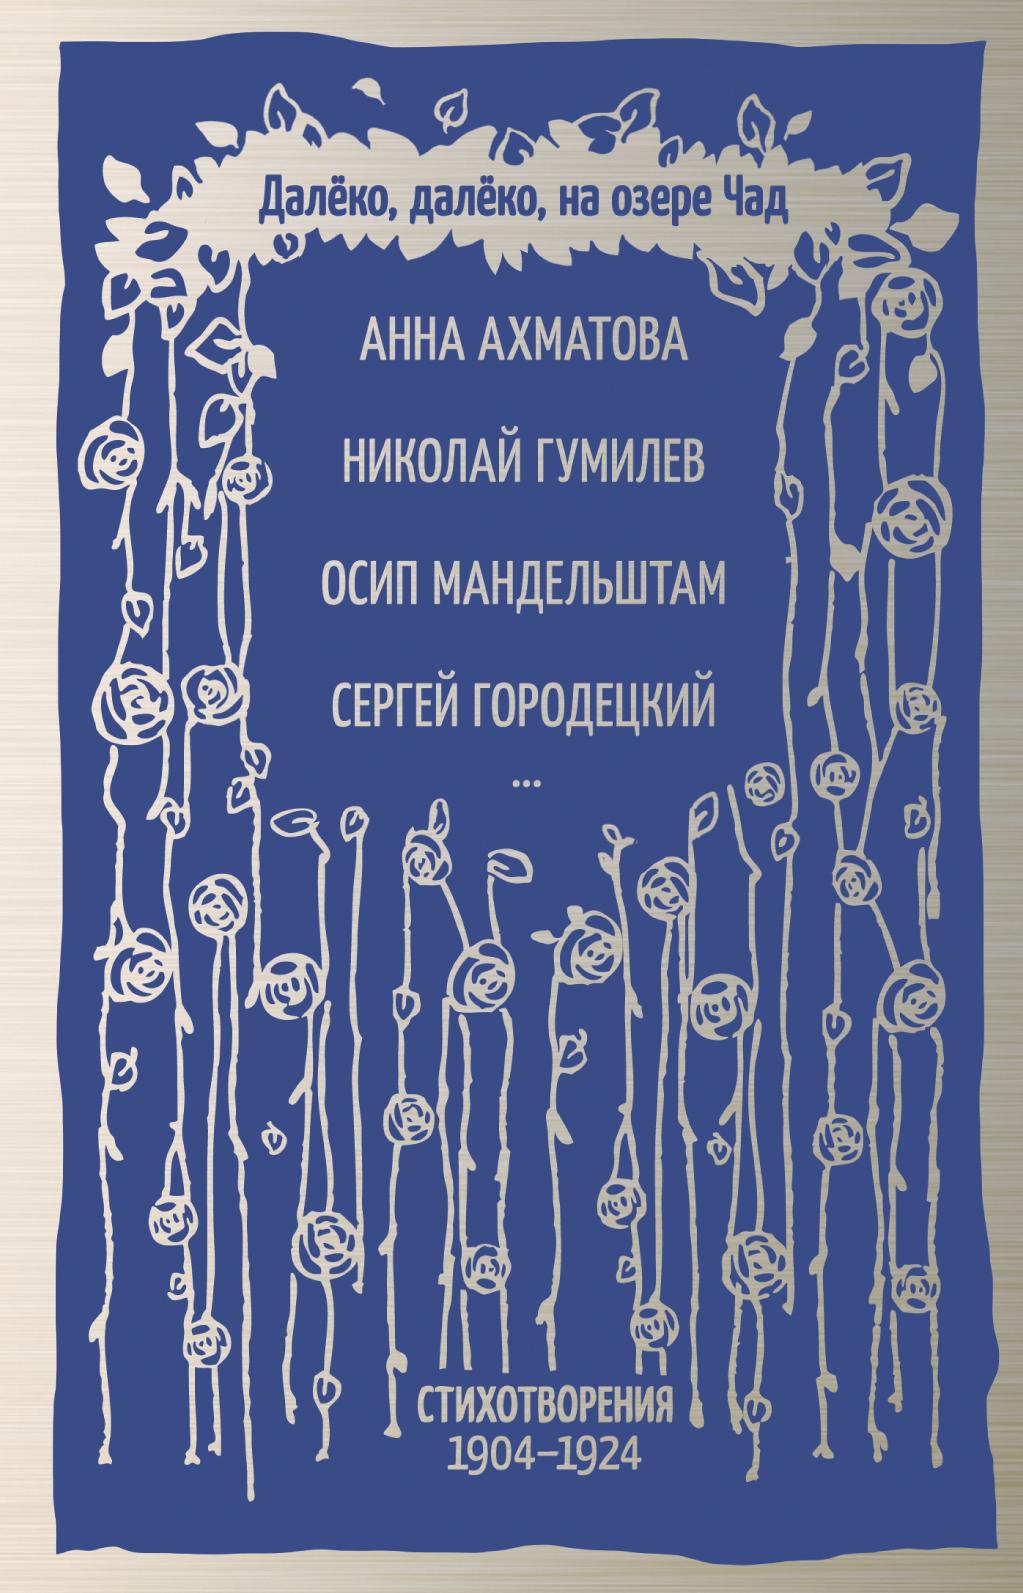 Анна Ахматова, Николай Гумилев Далёко, далёко, на озере Чад анна ахматова николай гумилев далёко далёко на озере чад